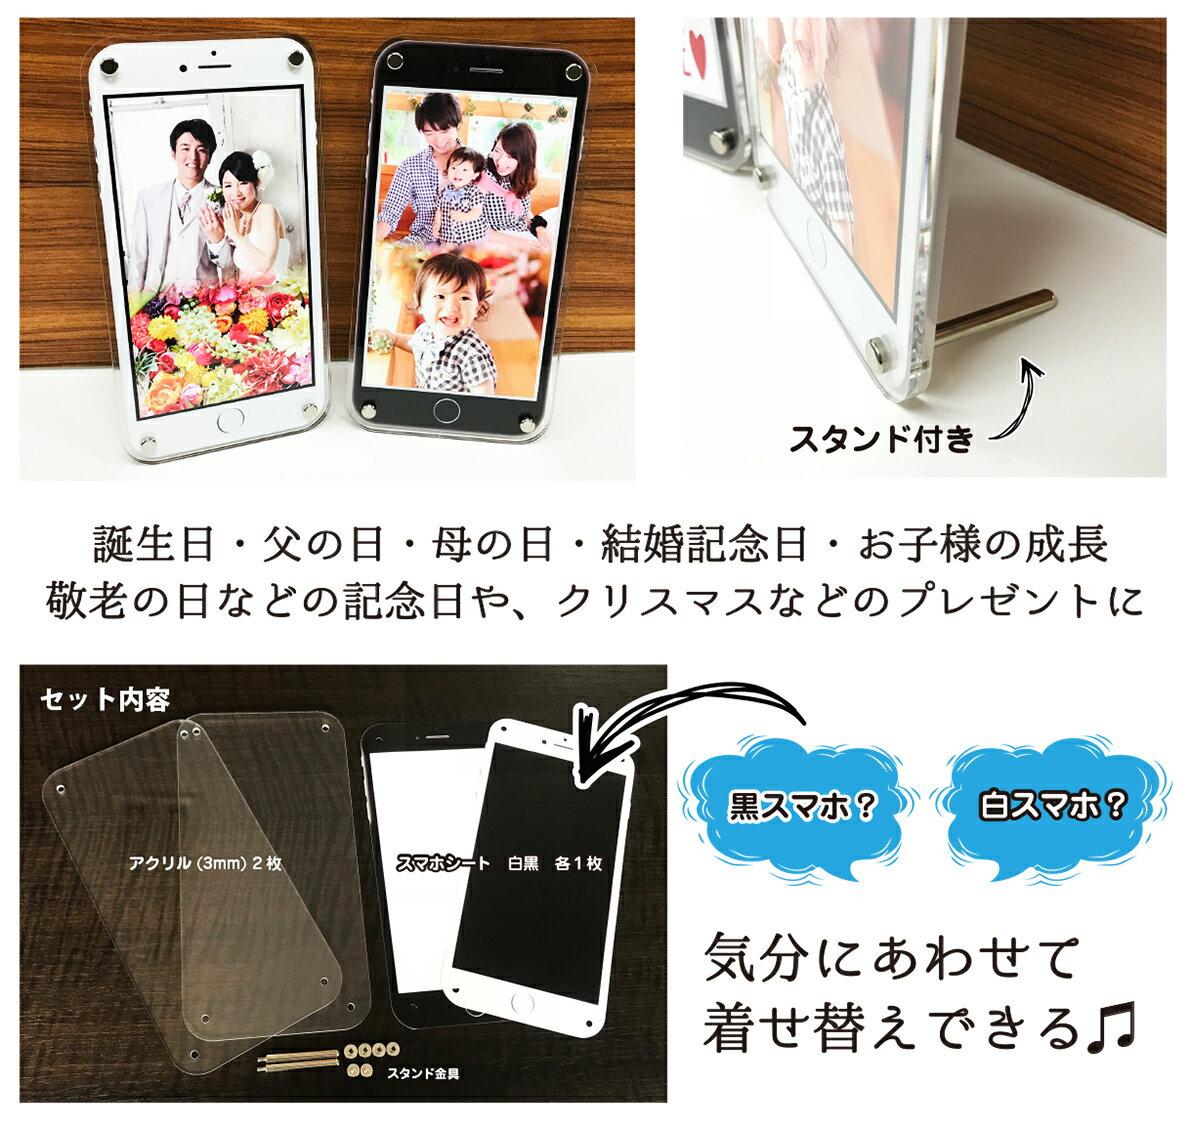 楽天_フォトフレームi Phone 写真立て02